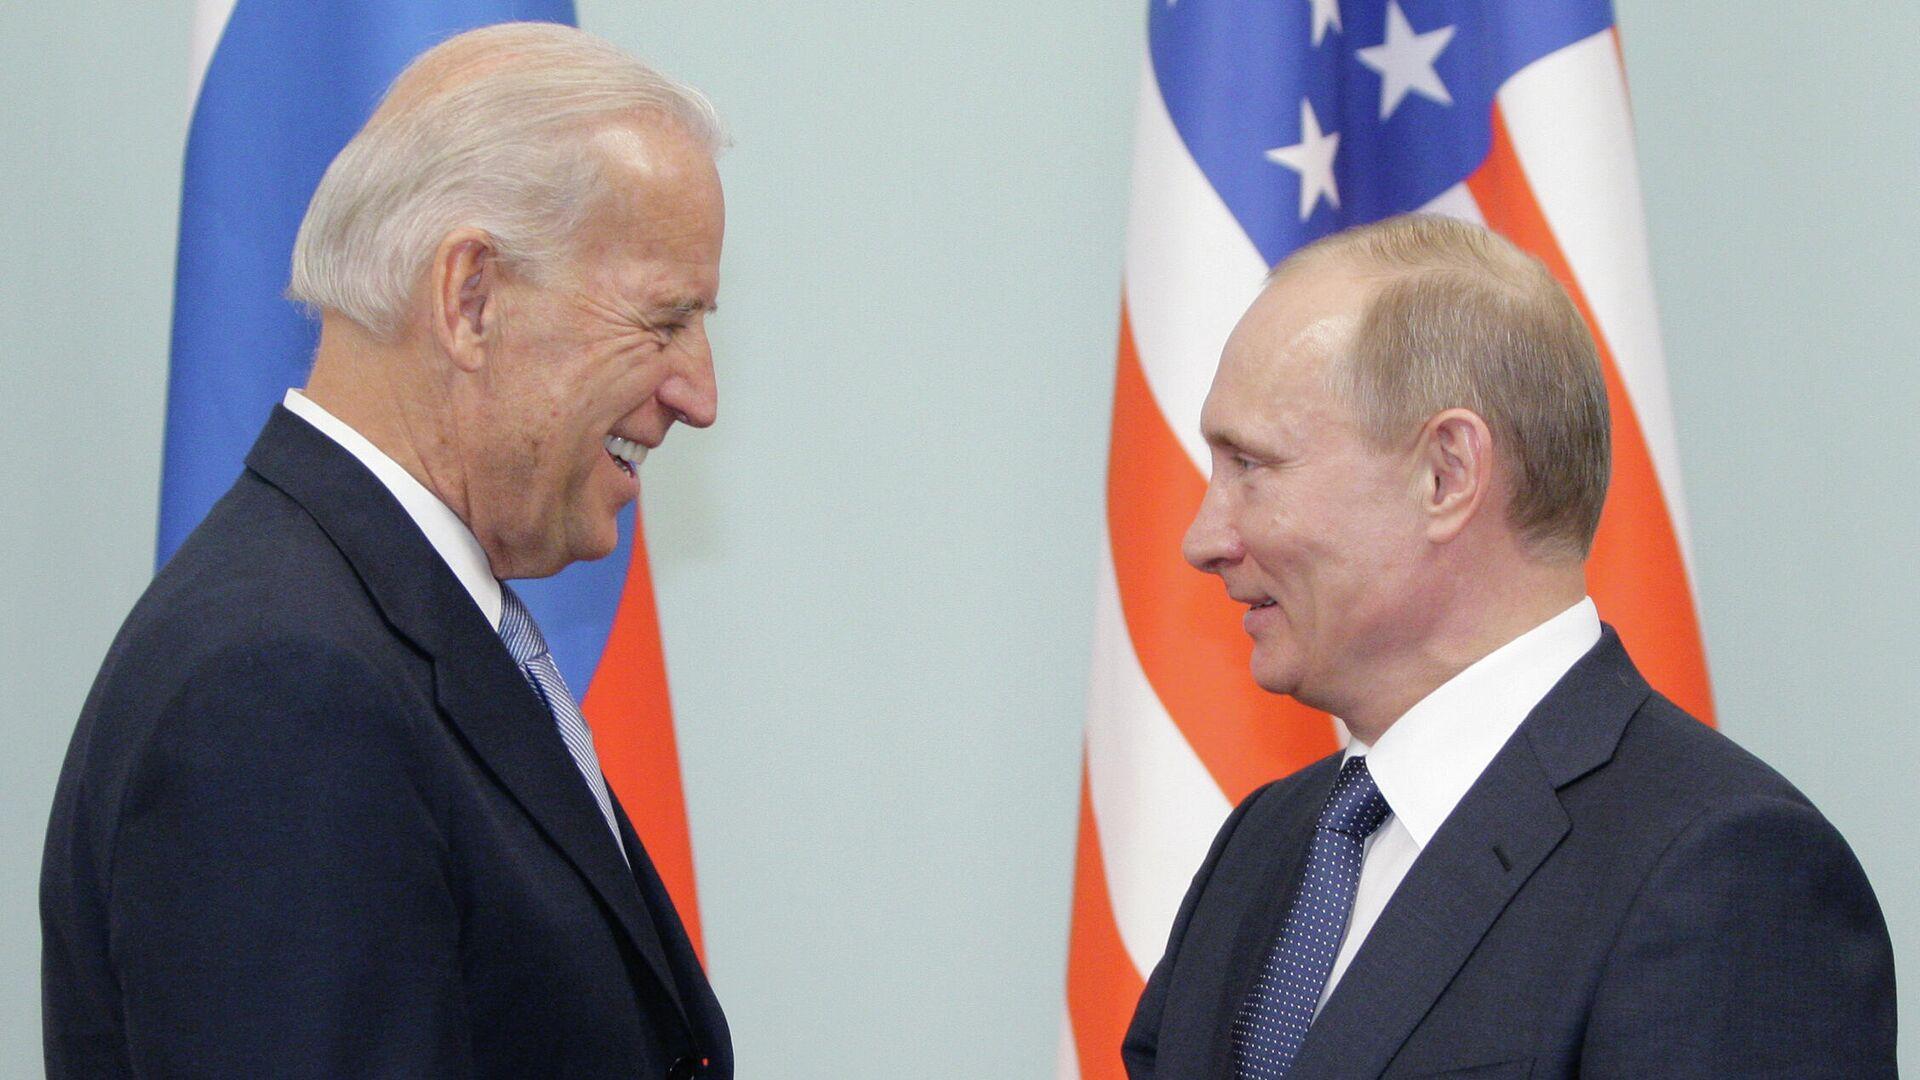 Joe Biden, entonces vicepresidente de EEUU, y Vladímir Putin, entonces primer ministro de Rusia, durante un encuentro el 2011 - Sputnik Mundo, 1920, 18.04.2021